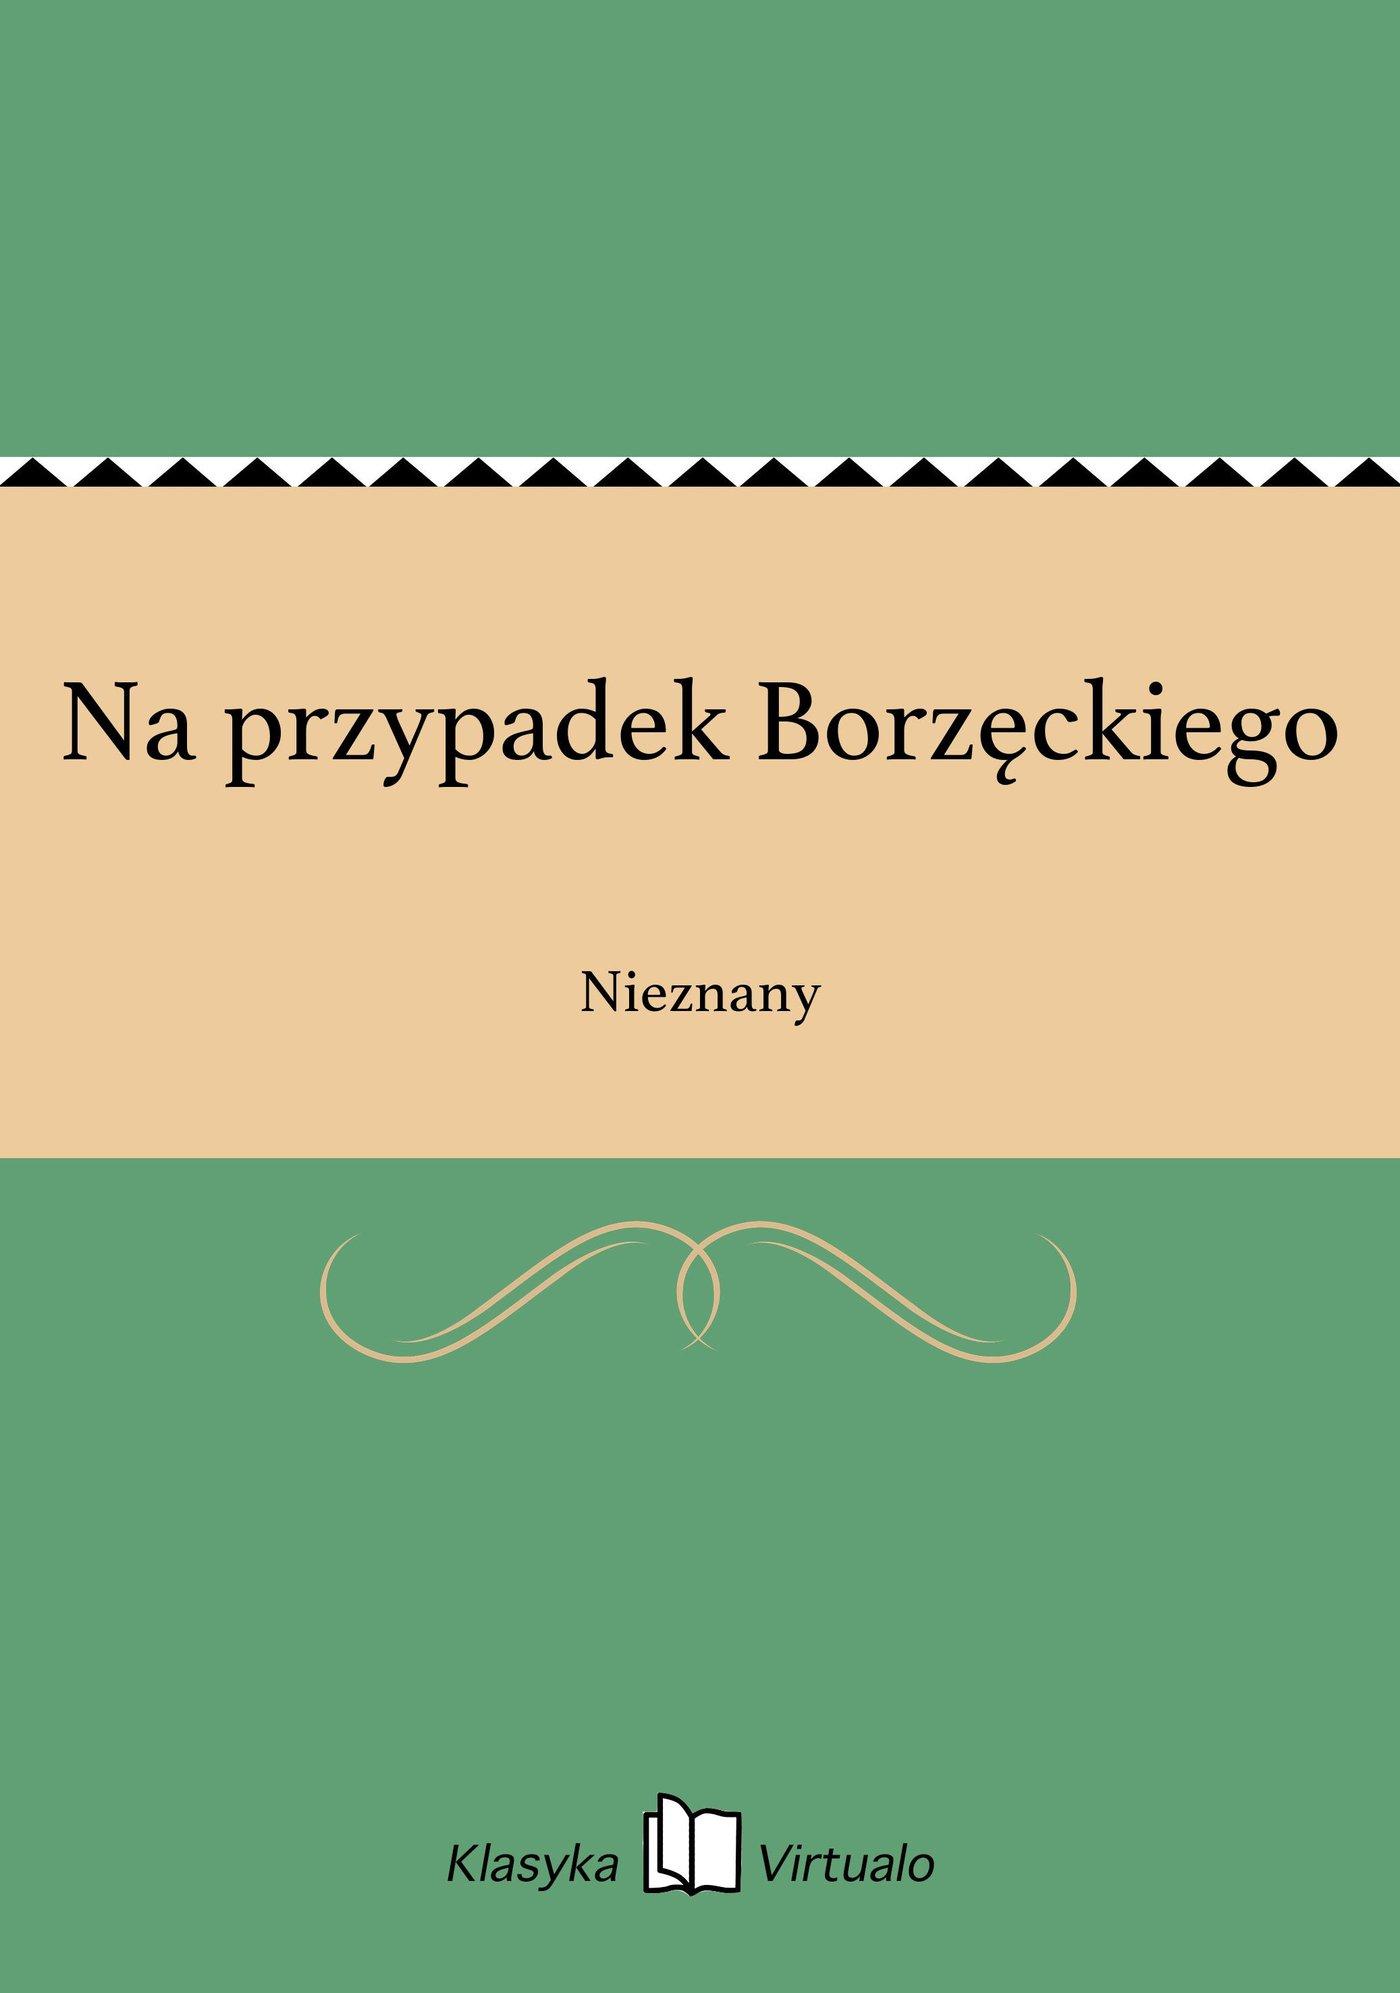 Na przypadek Borzęckiego - Ebook (Książka EPUB) do pobrania w formacie EPUB